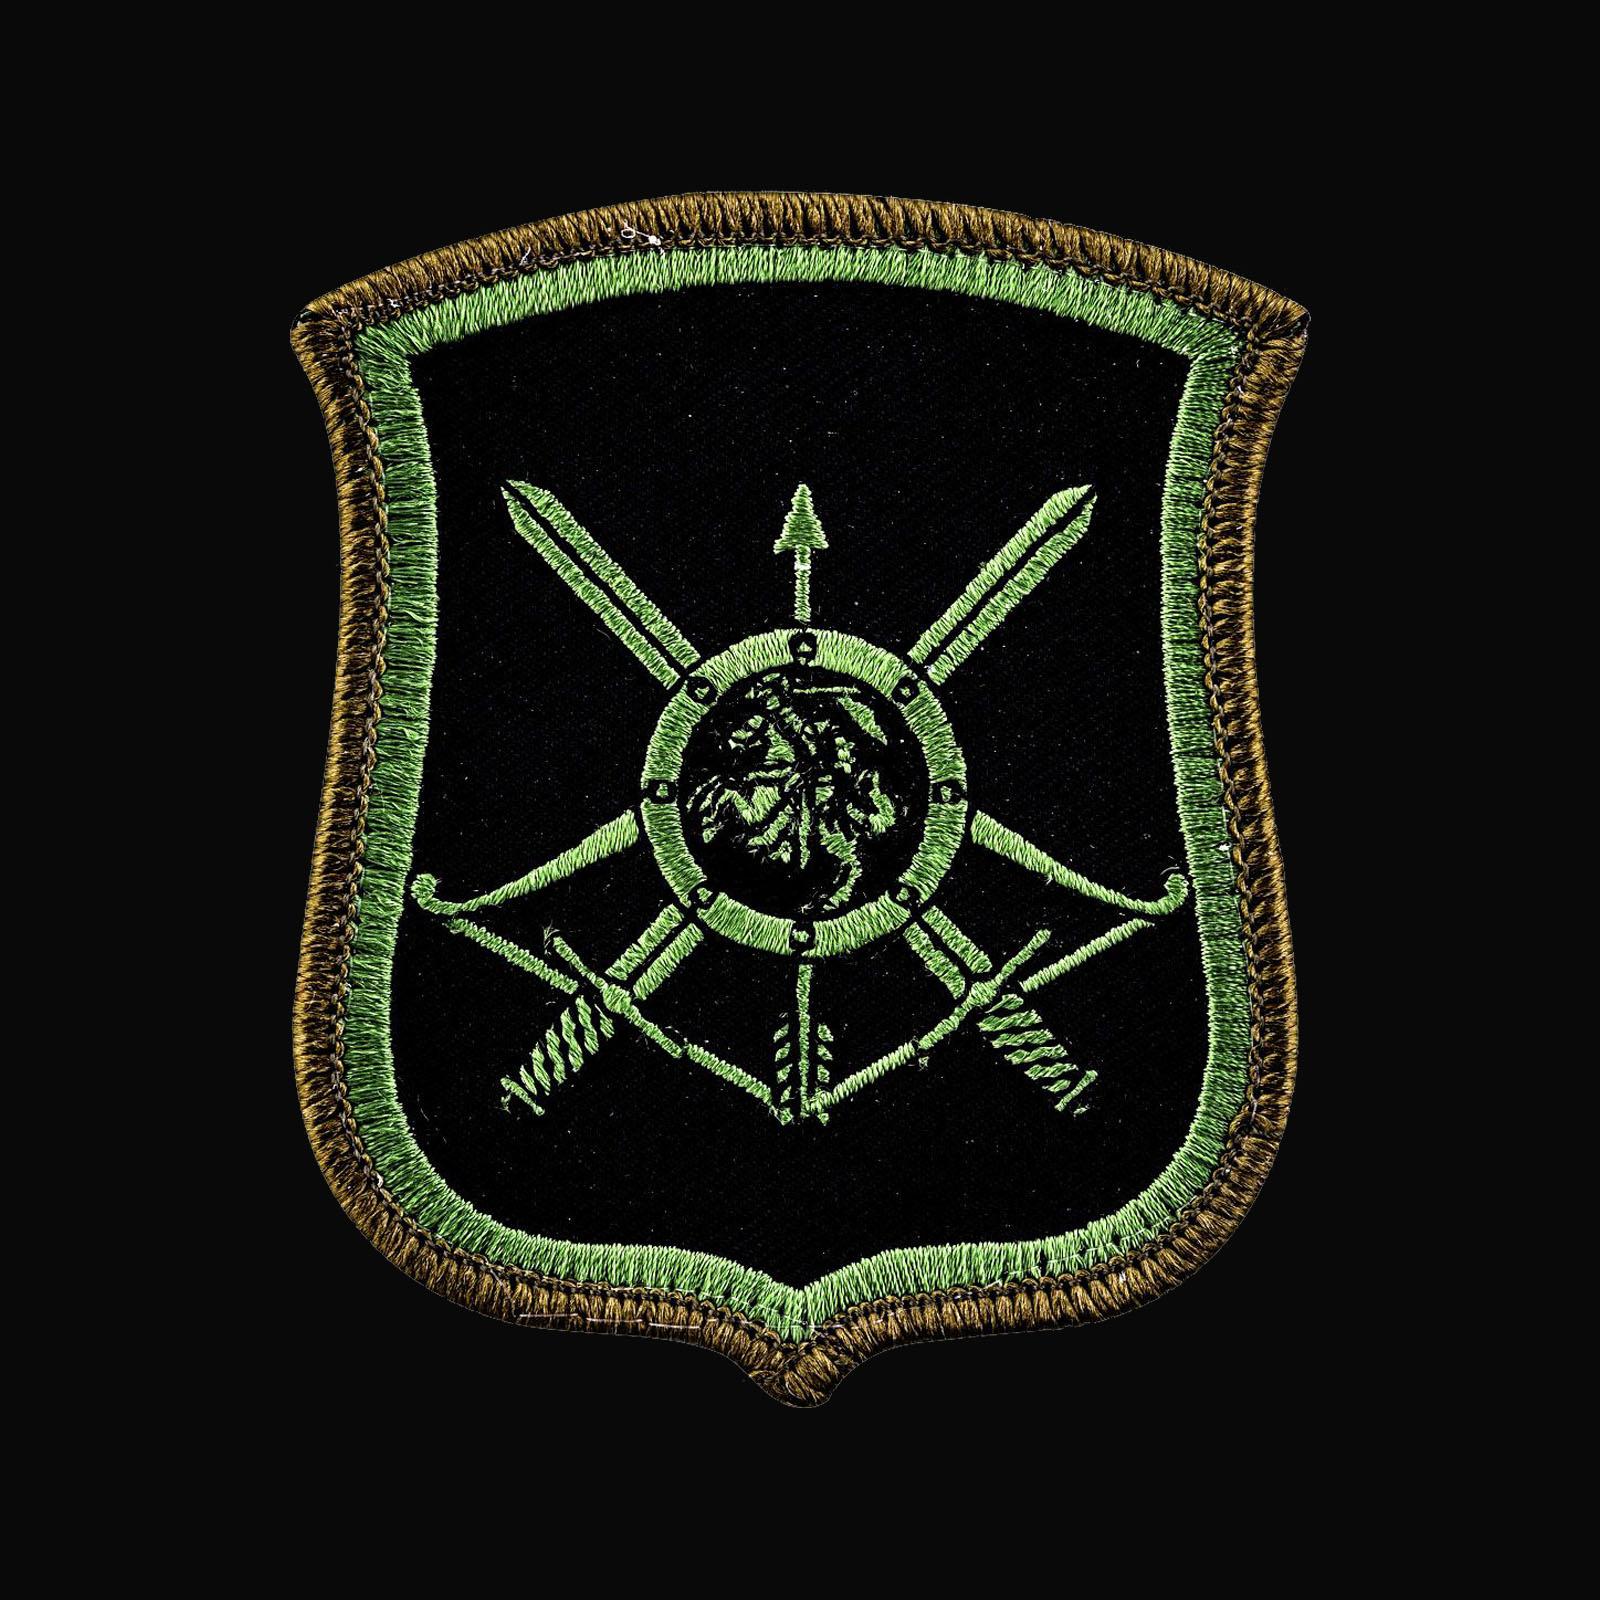 Толстовка 54-я ракетная дивизия